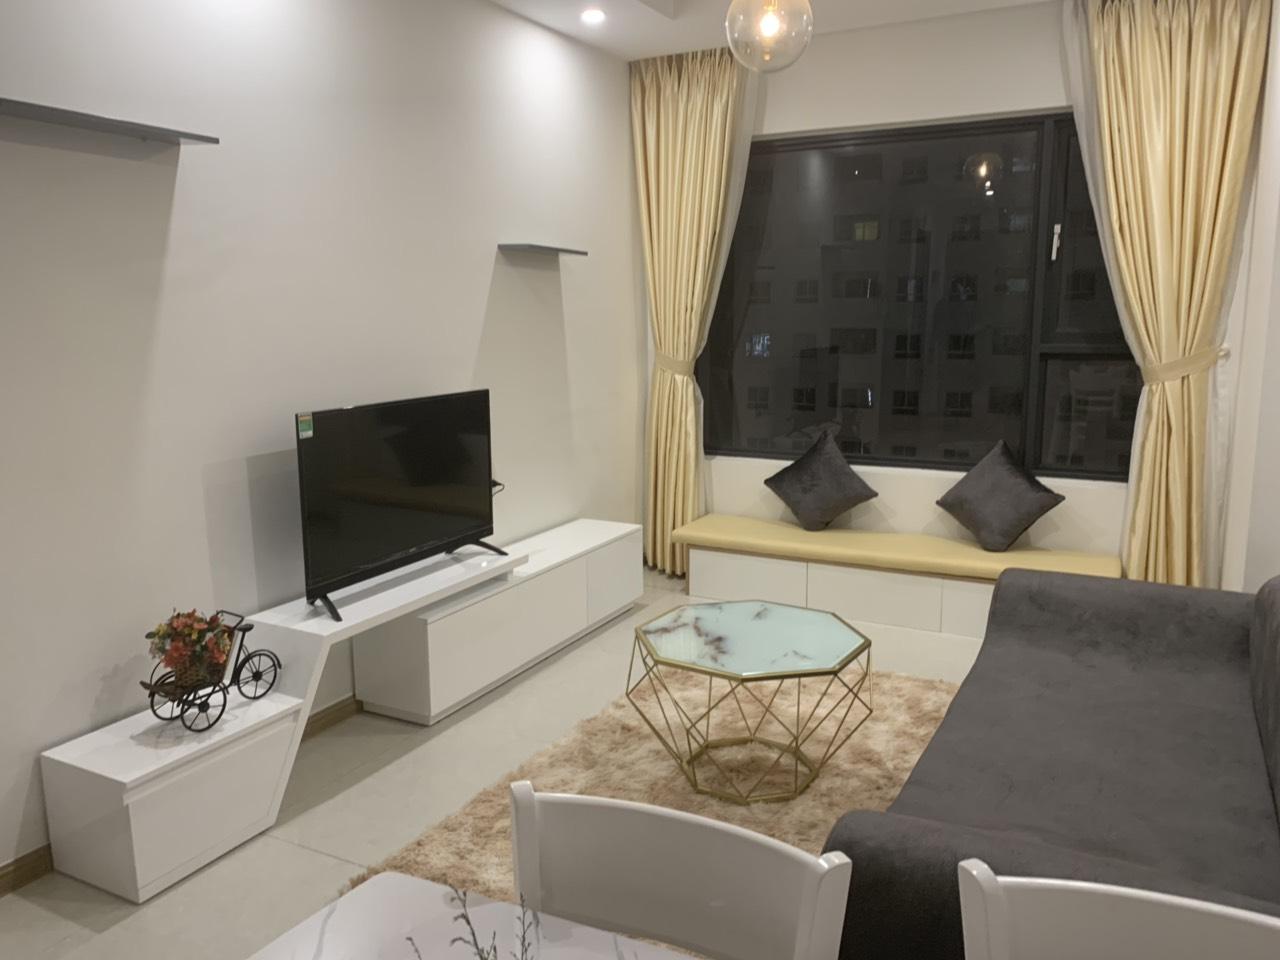 Cho thuê 1 phòng ngủ New City Thủ Thiêm - ID 010097